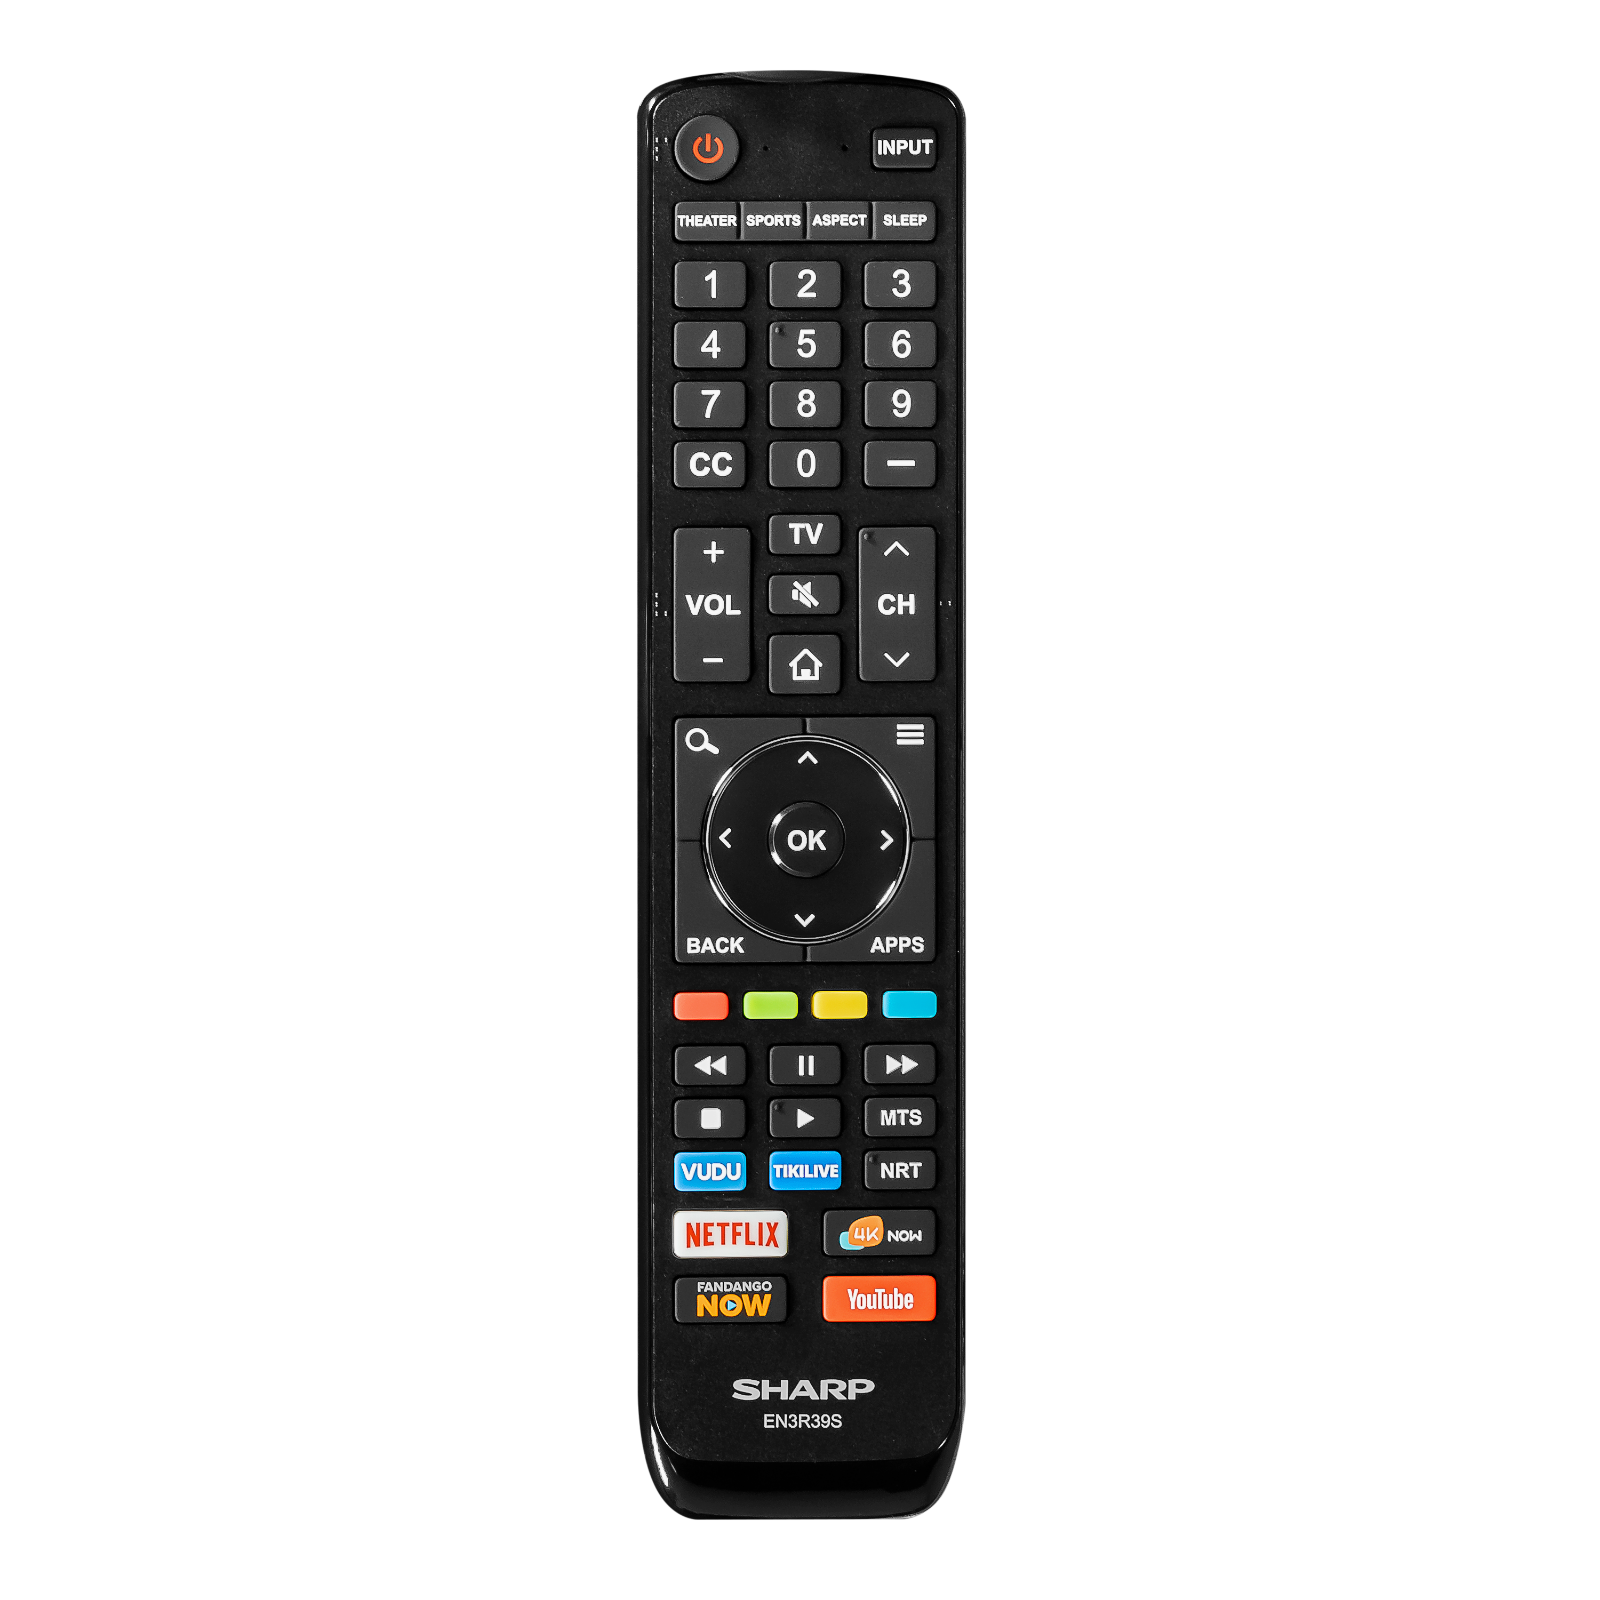 Sharp EN3R39S Original Smart TV Remote Control - Walmart ...